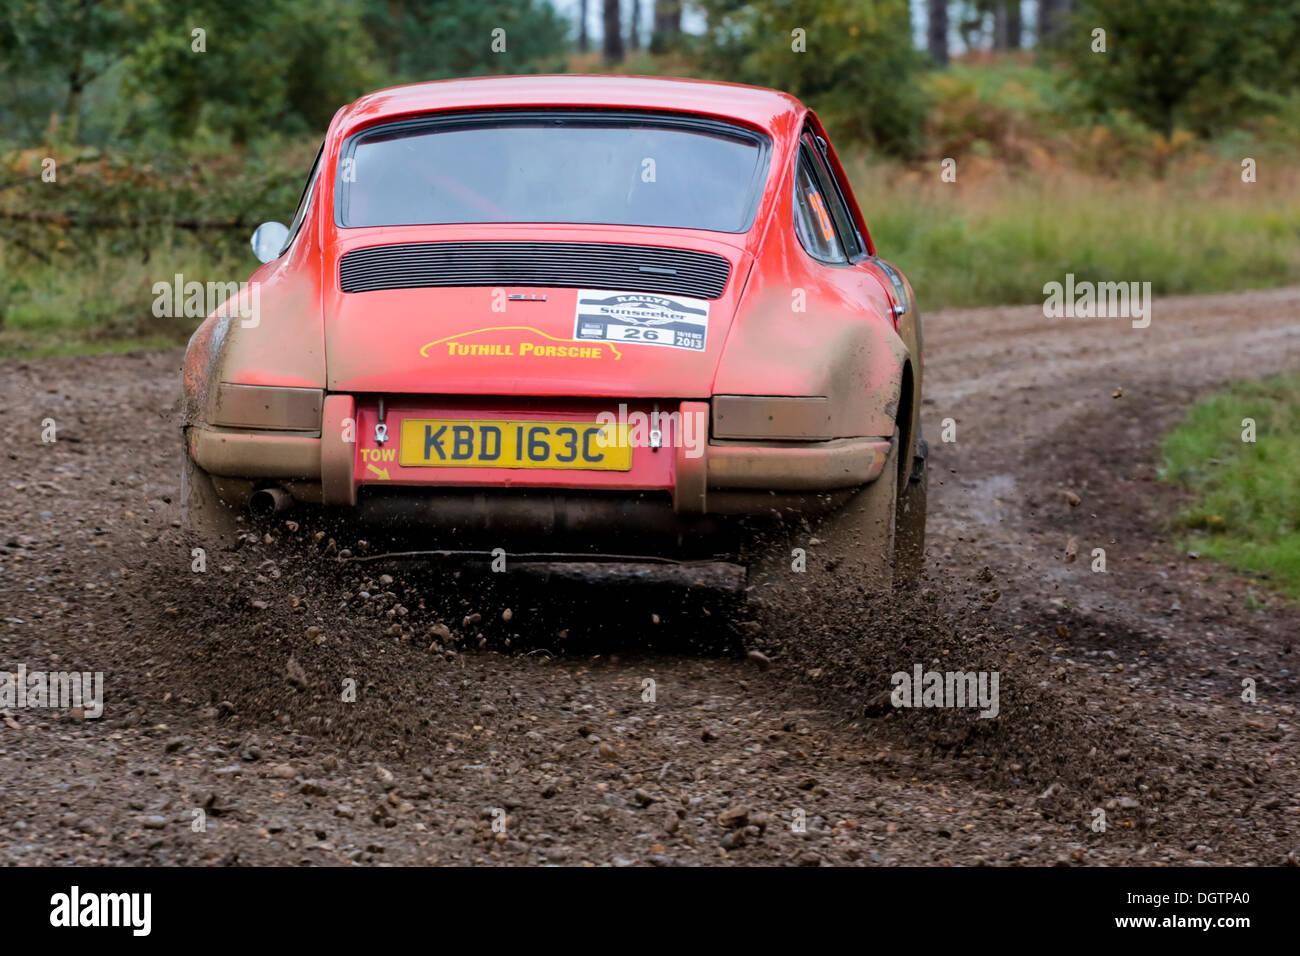 Porsche Rally Car Stock Photos Porsche Rally Car Stock Images Alamy